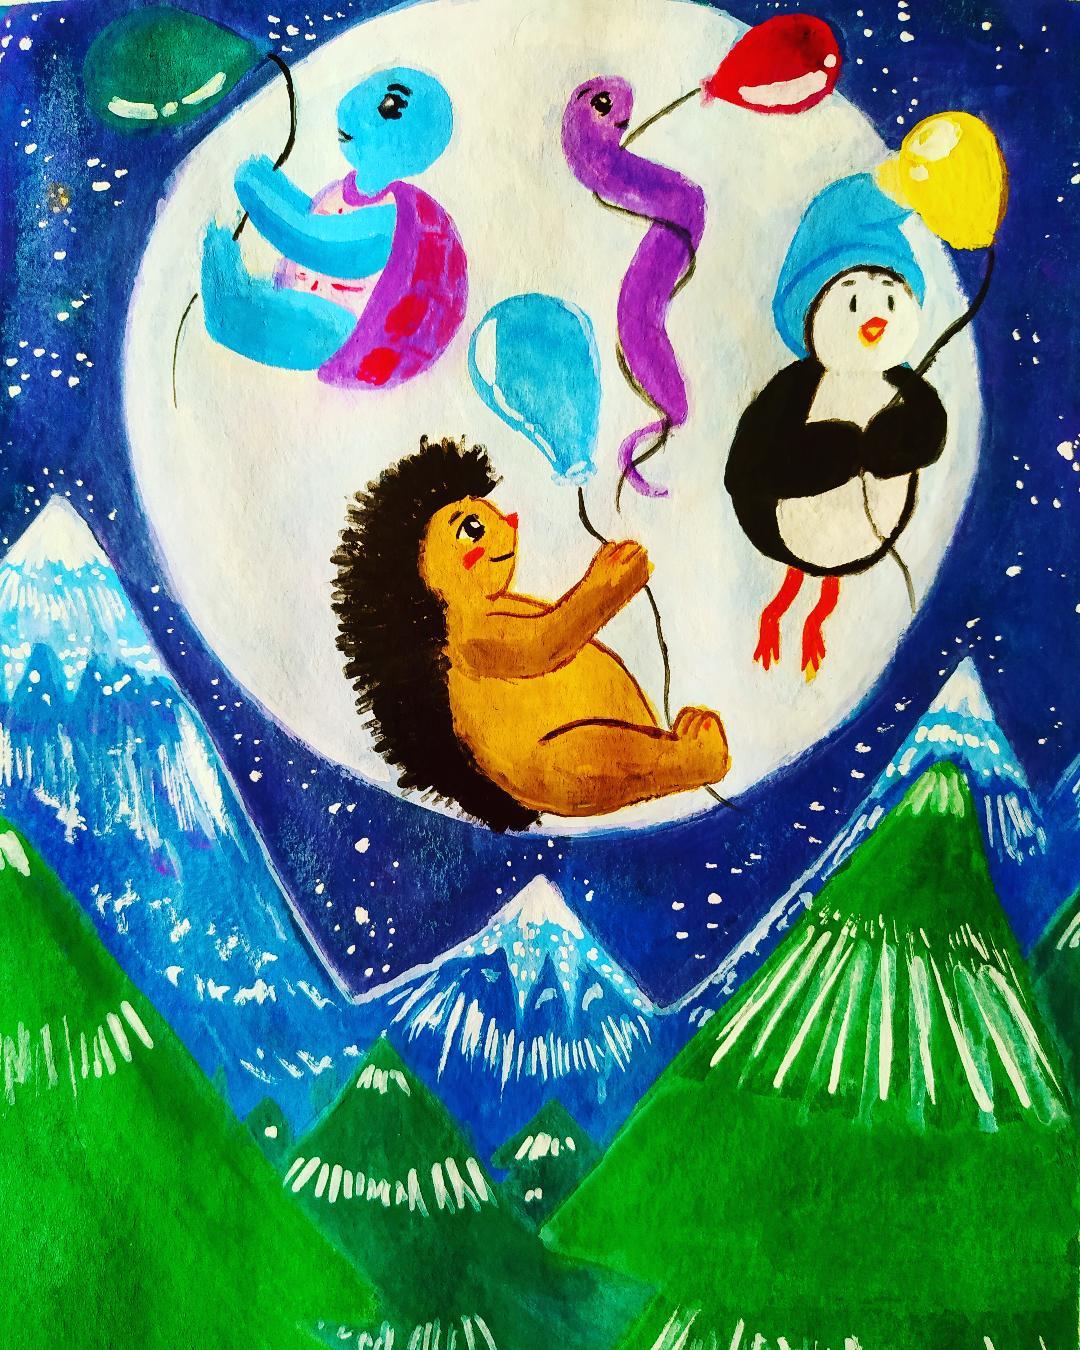 Illustration Jeunesse représentant de petits animaux volant au-dessus des montagnes avec des ballons magiques